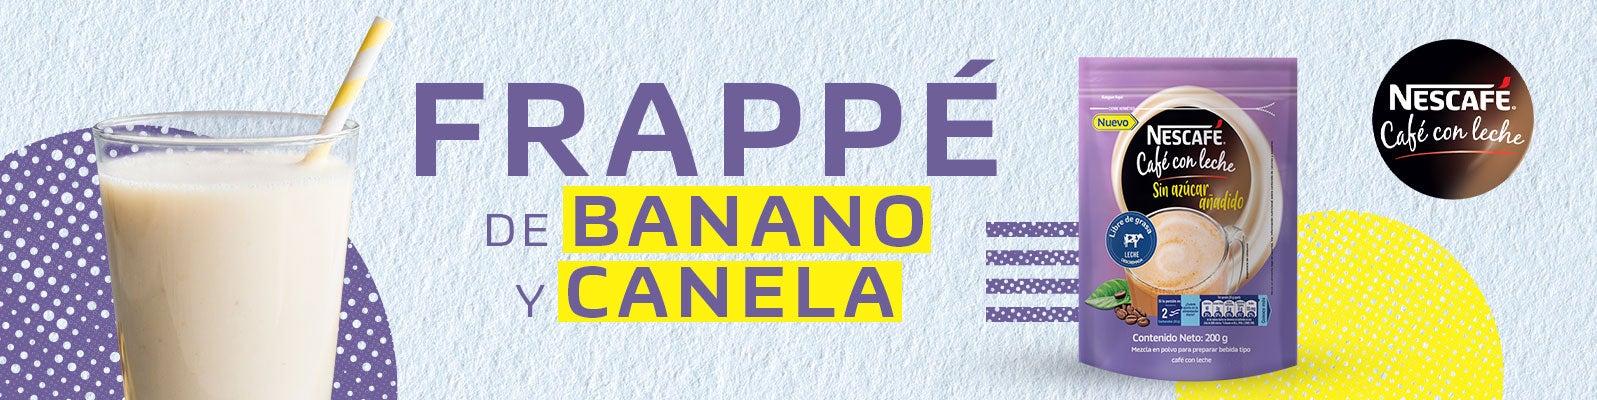 FRAPUCCINO DE BANANO Y CANELA